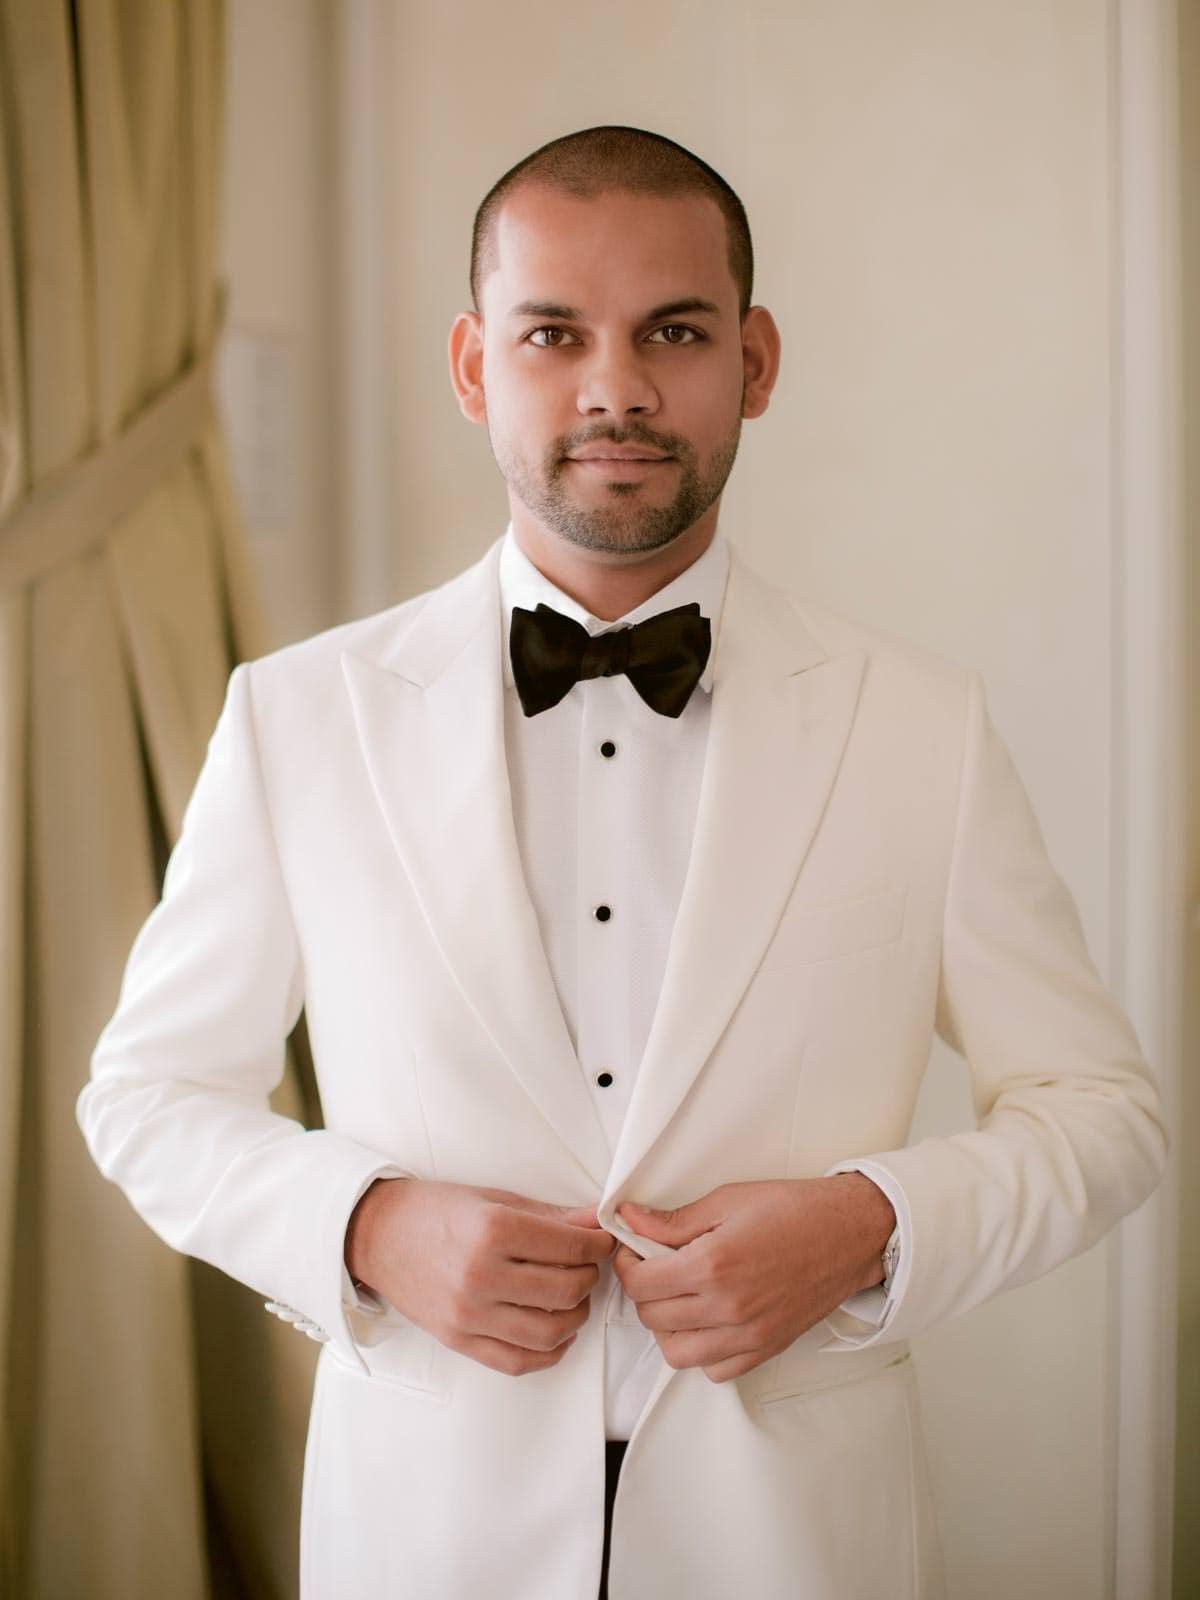 modern elegant groom's suit